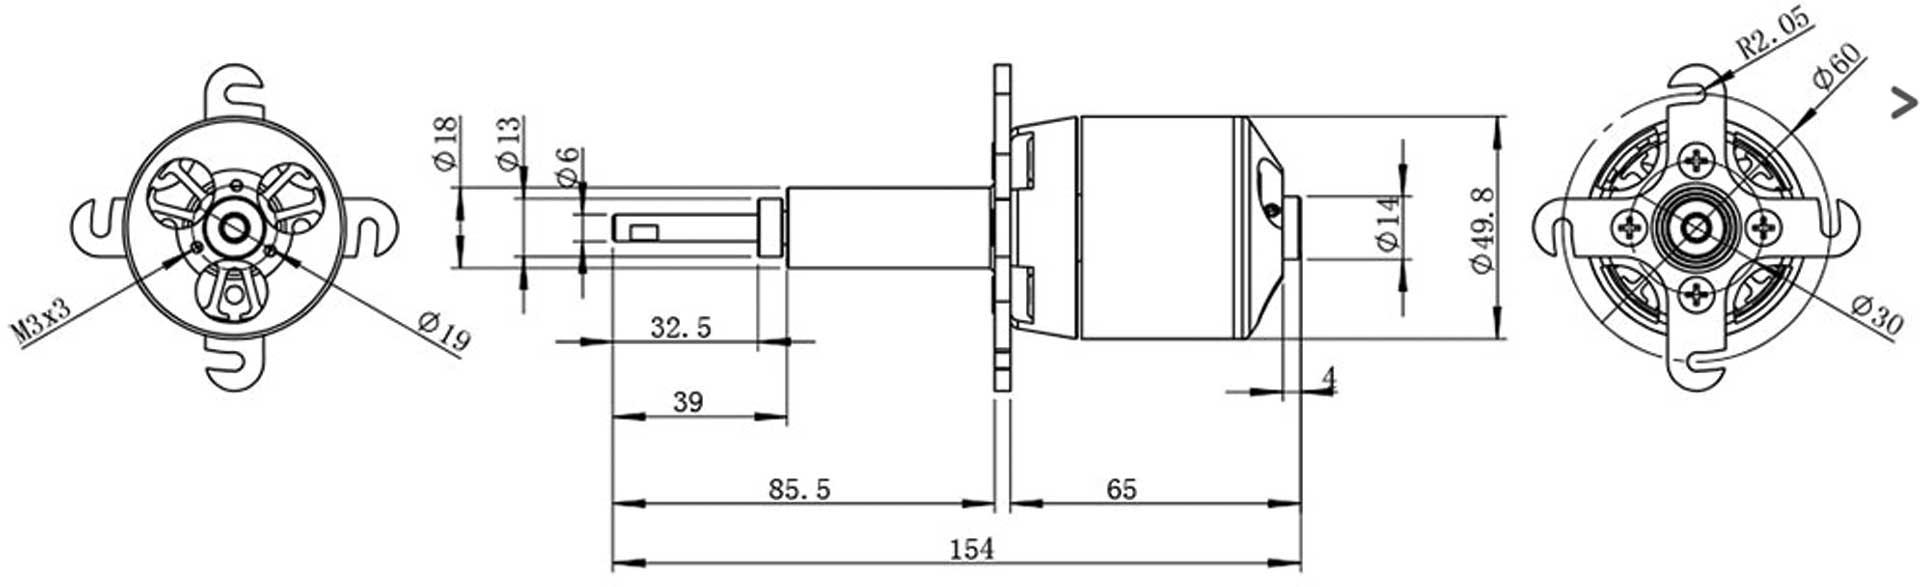 Robbe Modellsport RO-POWER TORQUE LS 5030/14 Brushless Motor